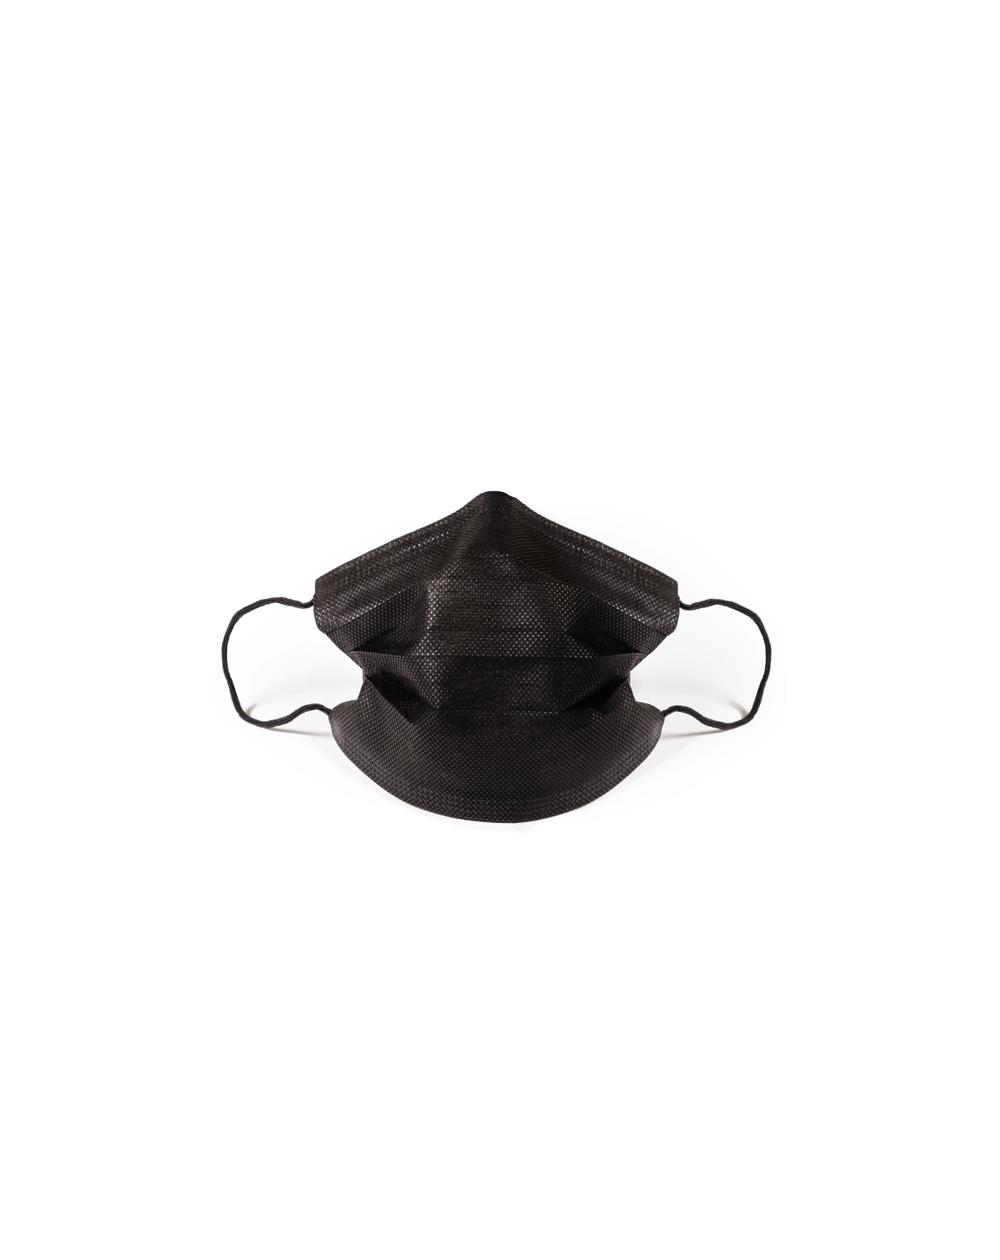 Masque de protection jetable Noir adulte